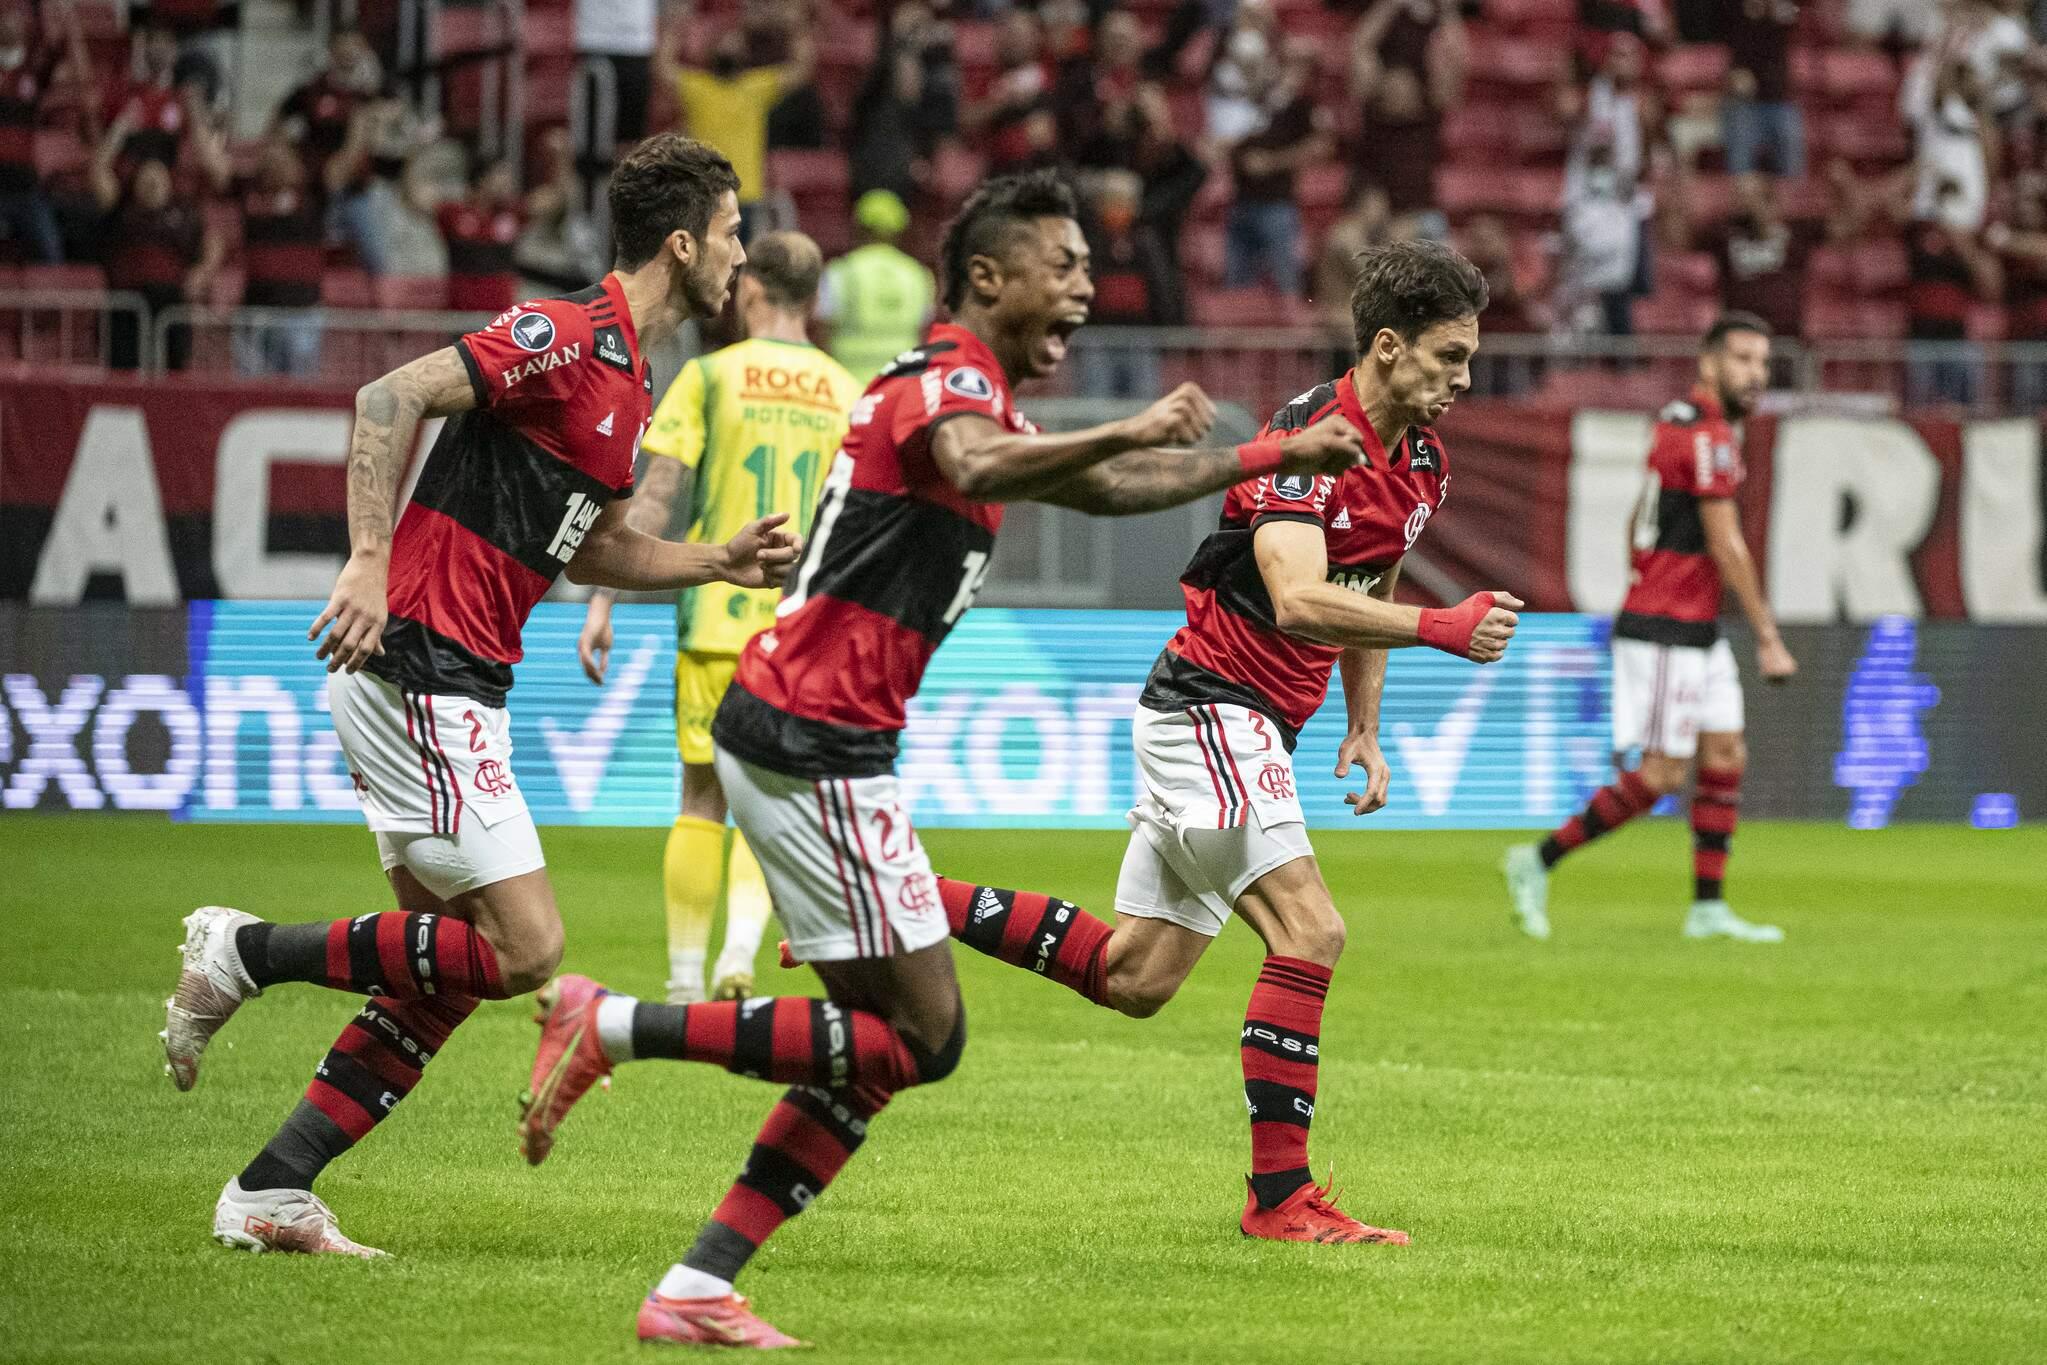 Comemoração dos jogadores do Flamengo durante a partida. (Foto: Alexandre Vidal / CRF)